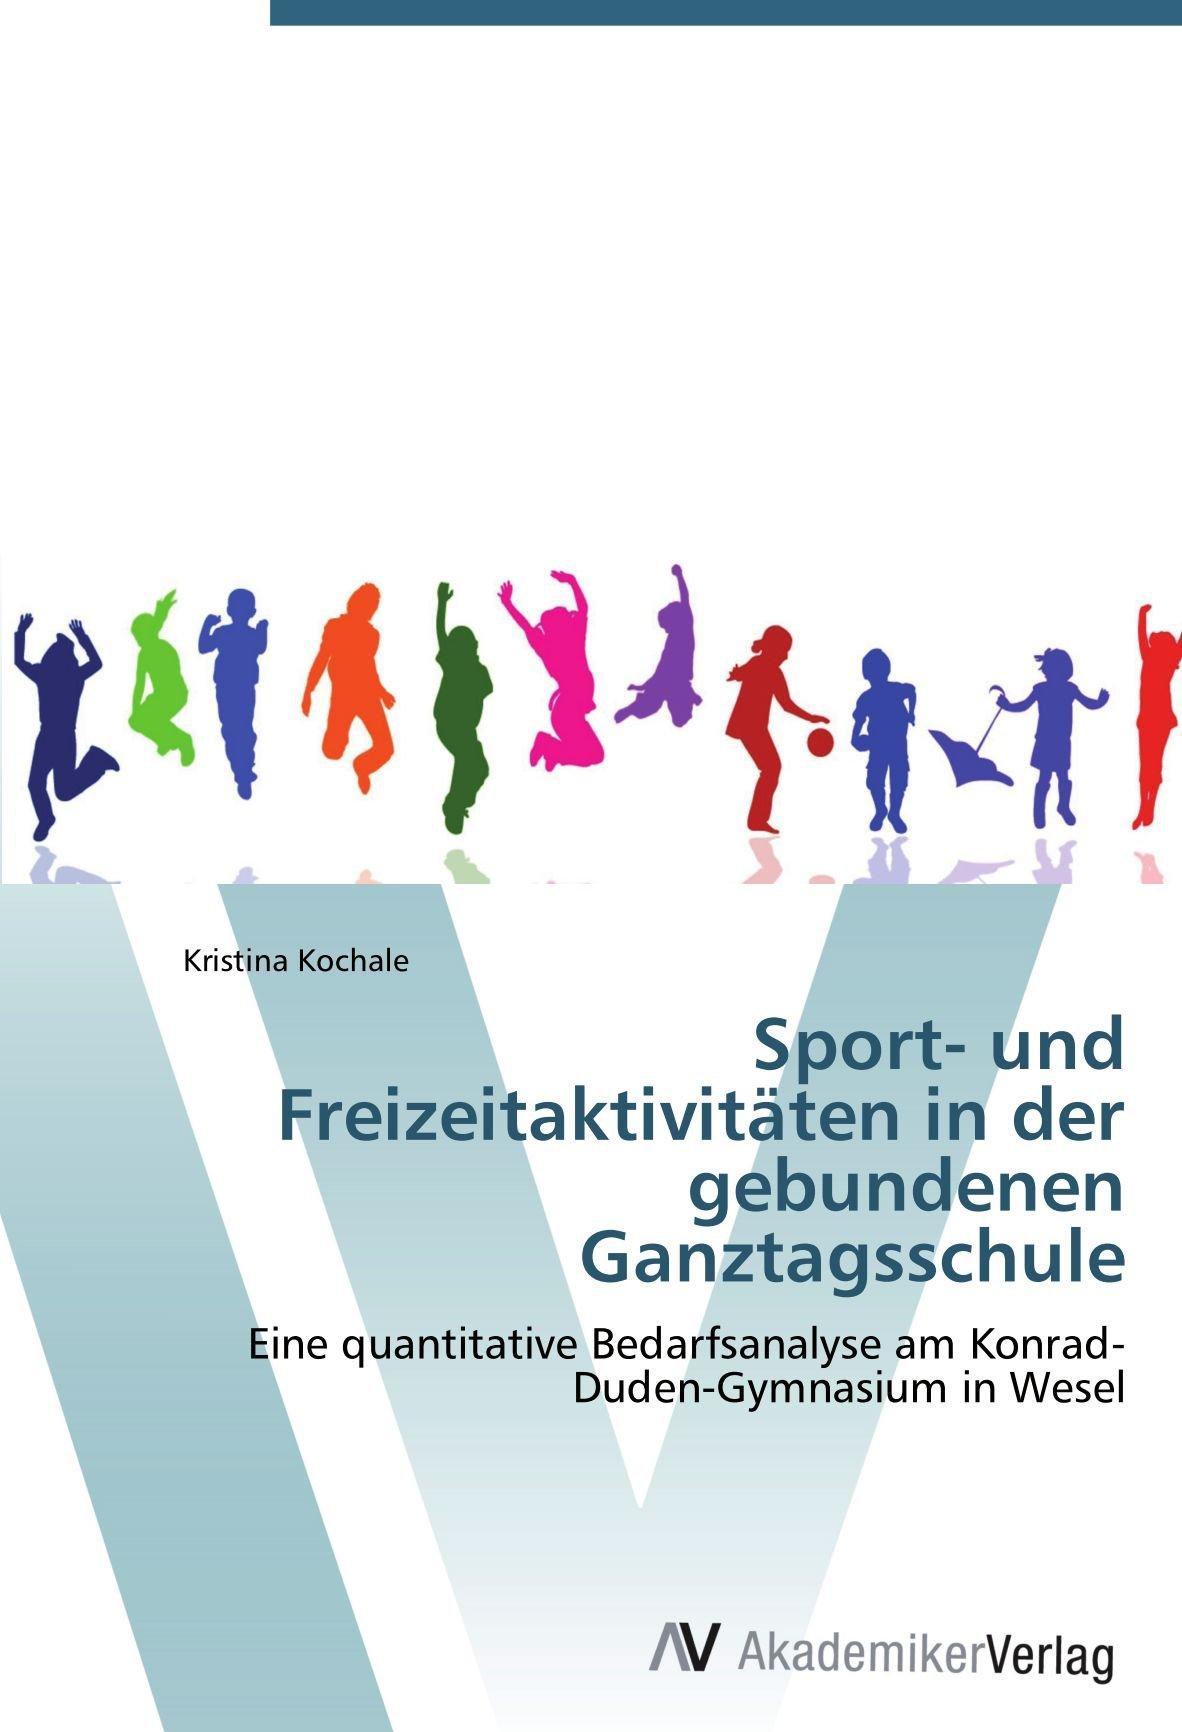 Sport- und Freizeitaktivitäten in der gebundenen Ganztagsschule ...